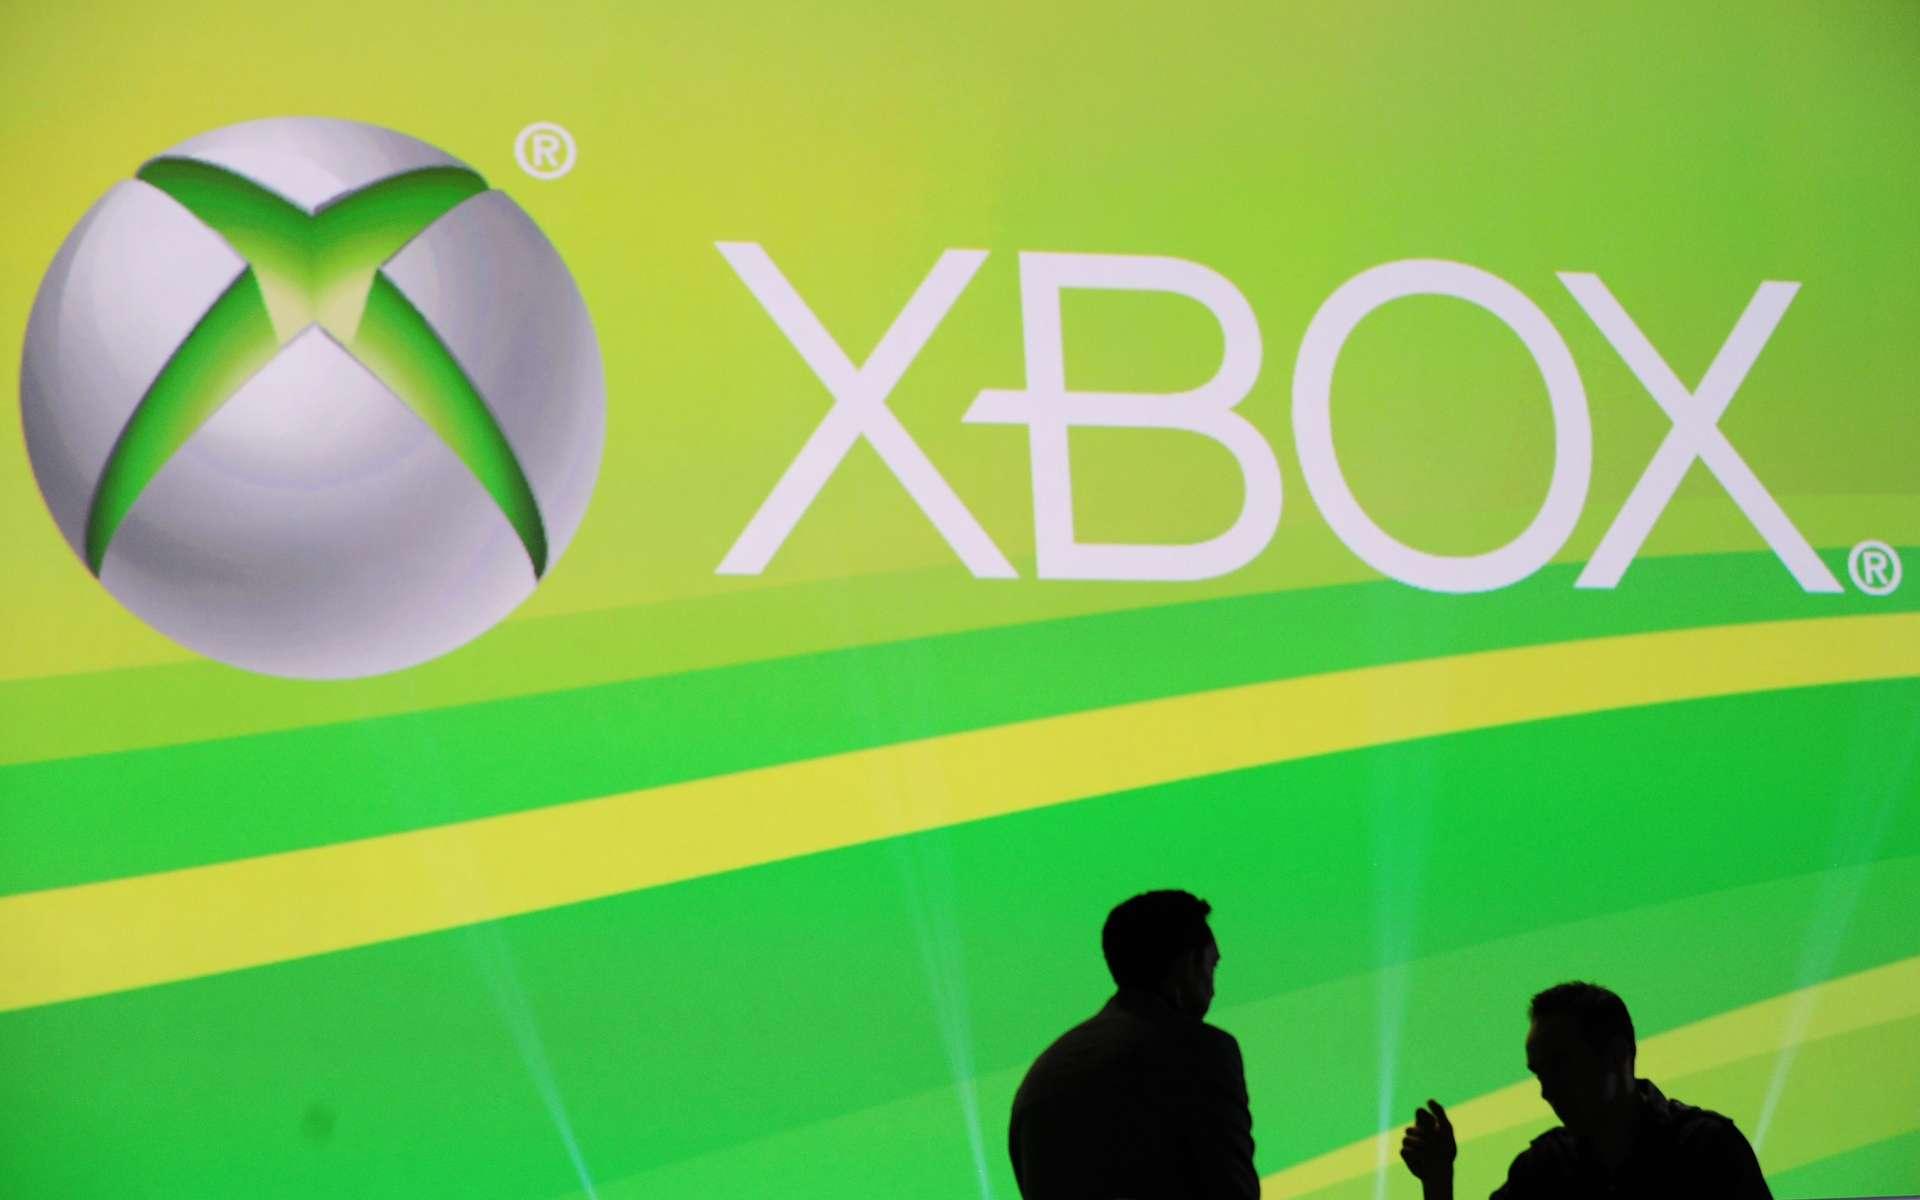 Un jour, la XBox 360 sera remplacée et le futur modèle est déjà à l'étude : voilà qui est certain. Mais quand cette nouvelle version sera-t-elle annoncée ? Telle est la question. © Microsoft